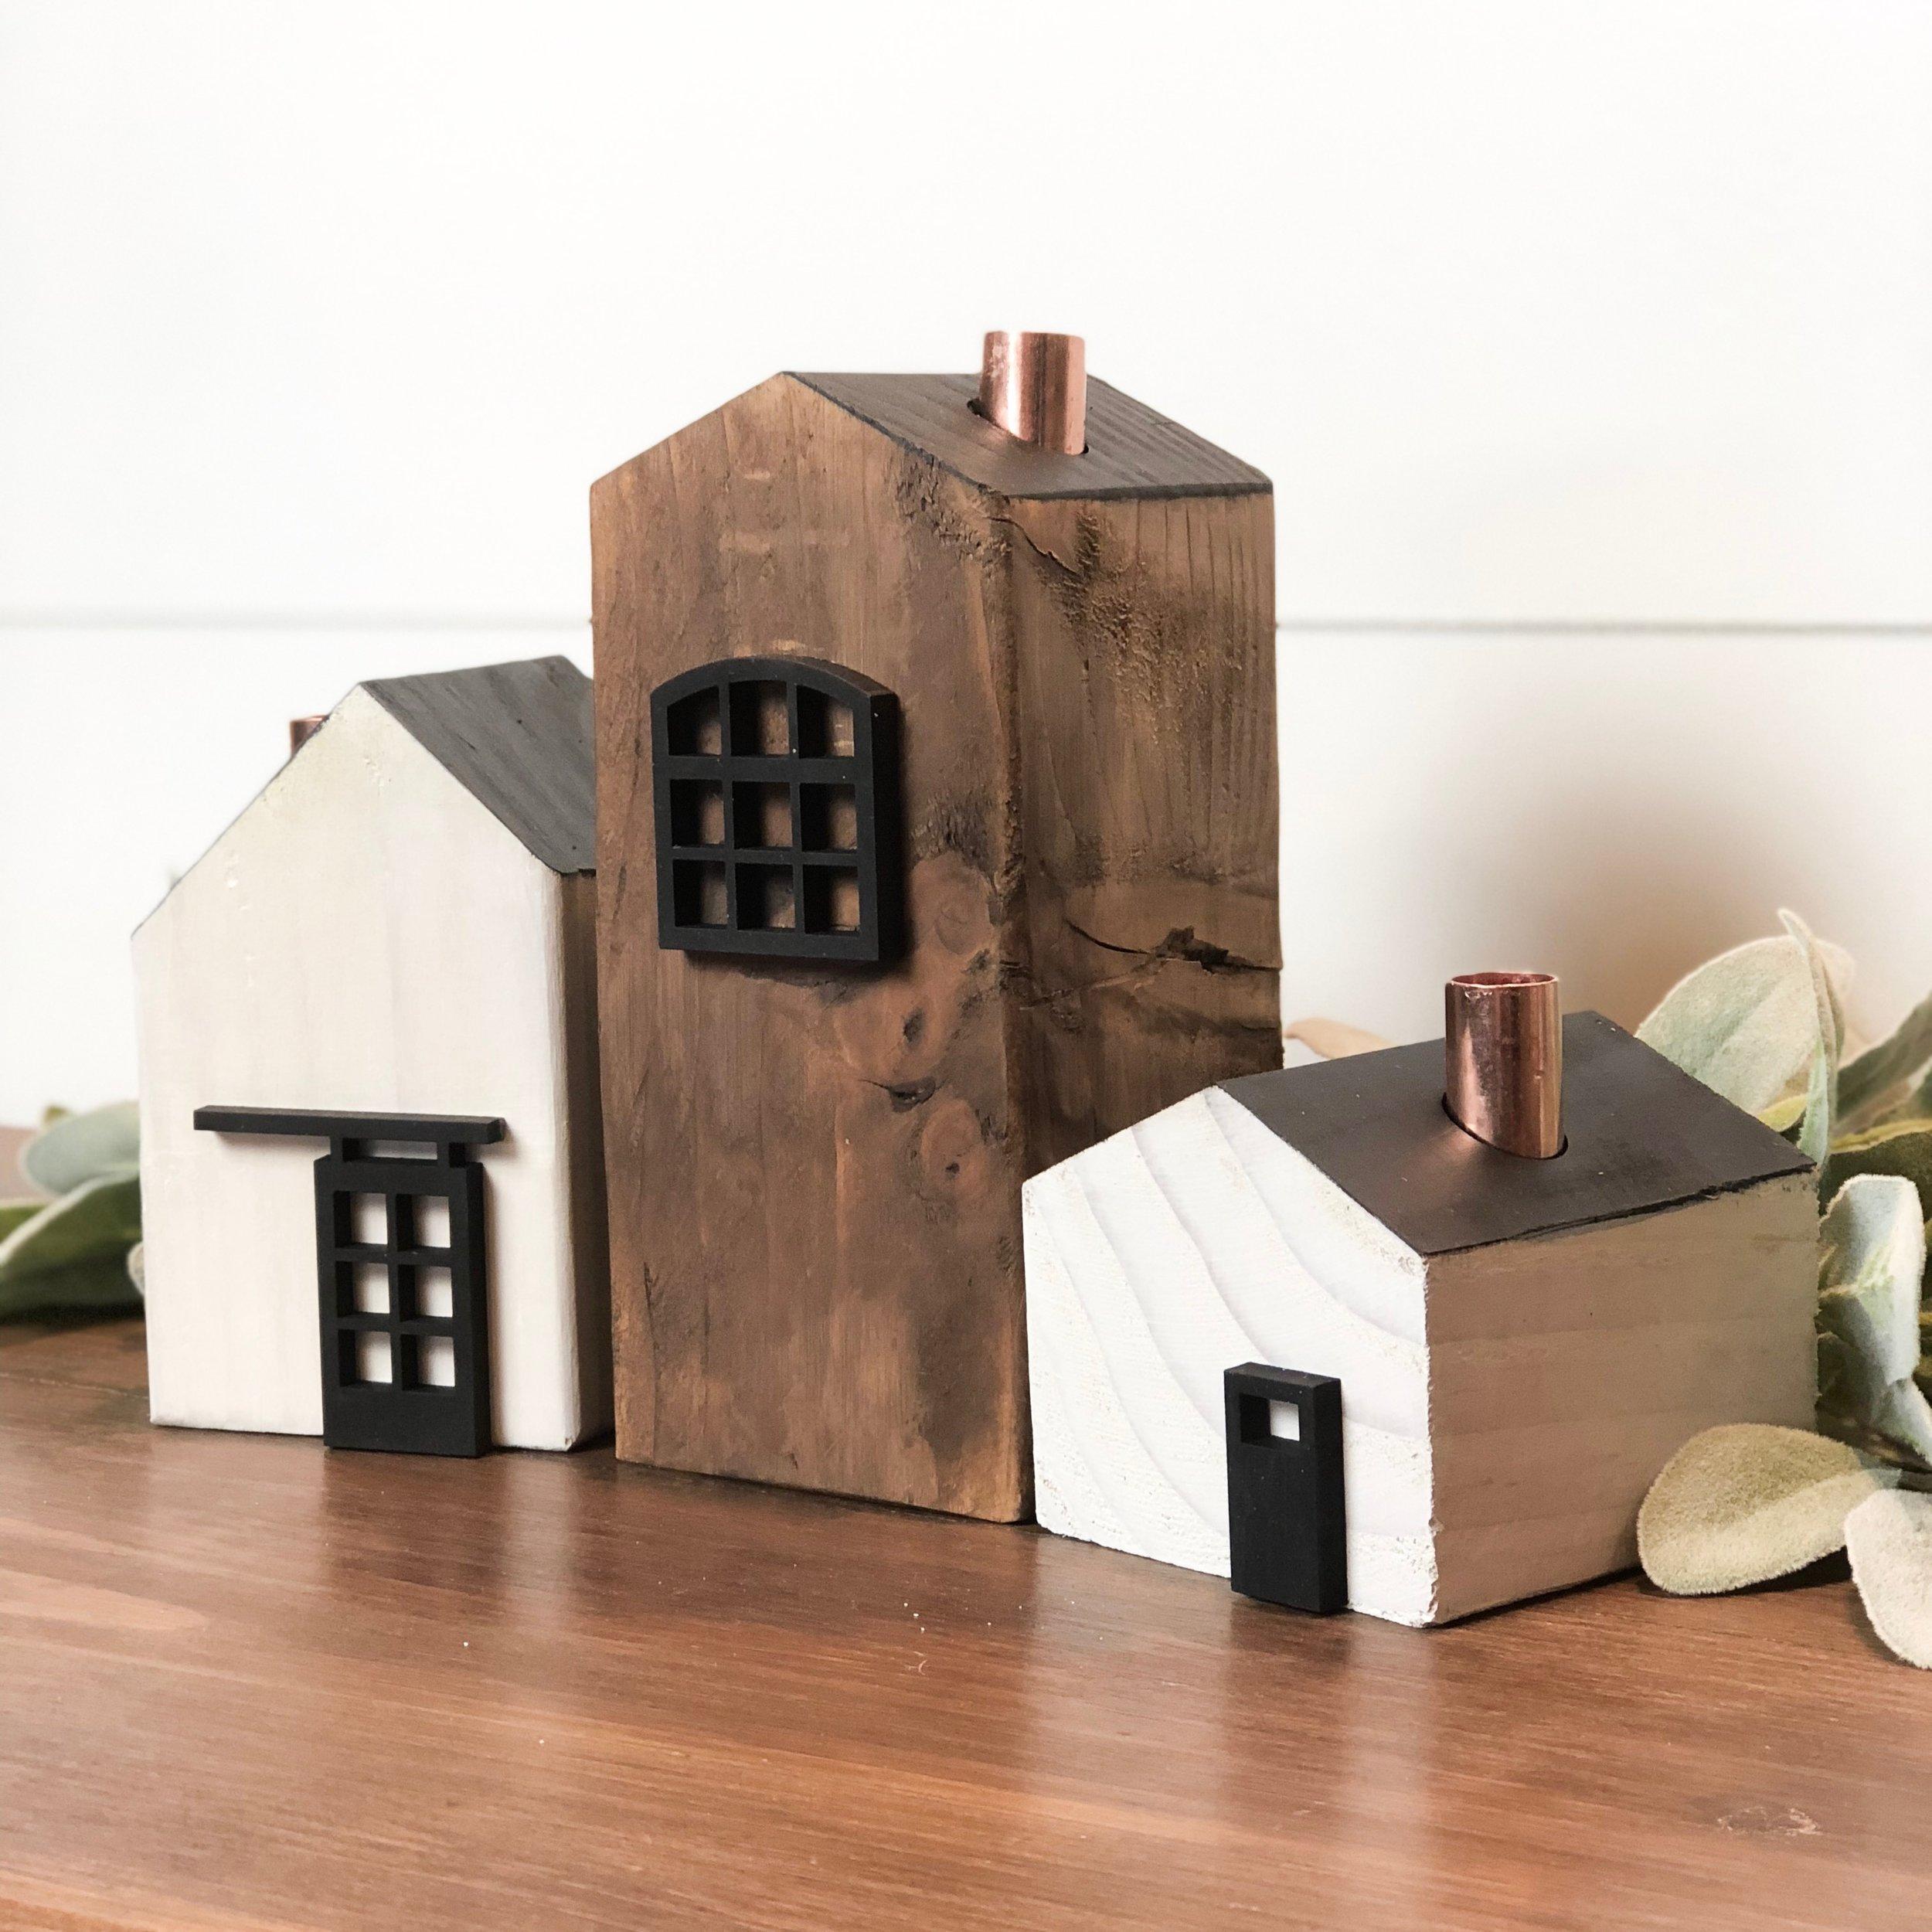 Wood Block Houses.JPG